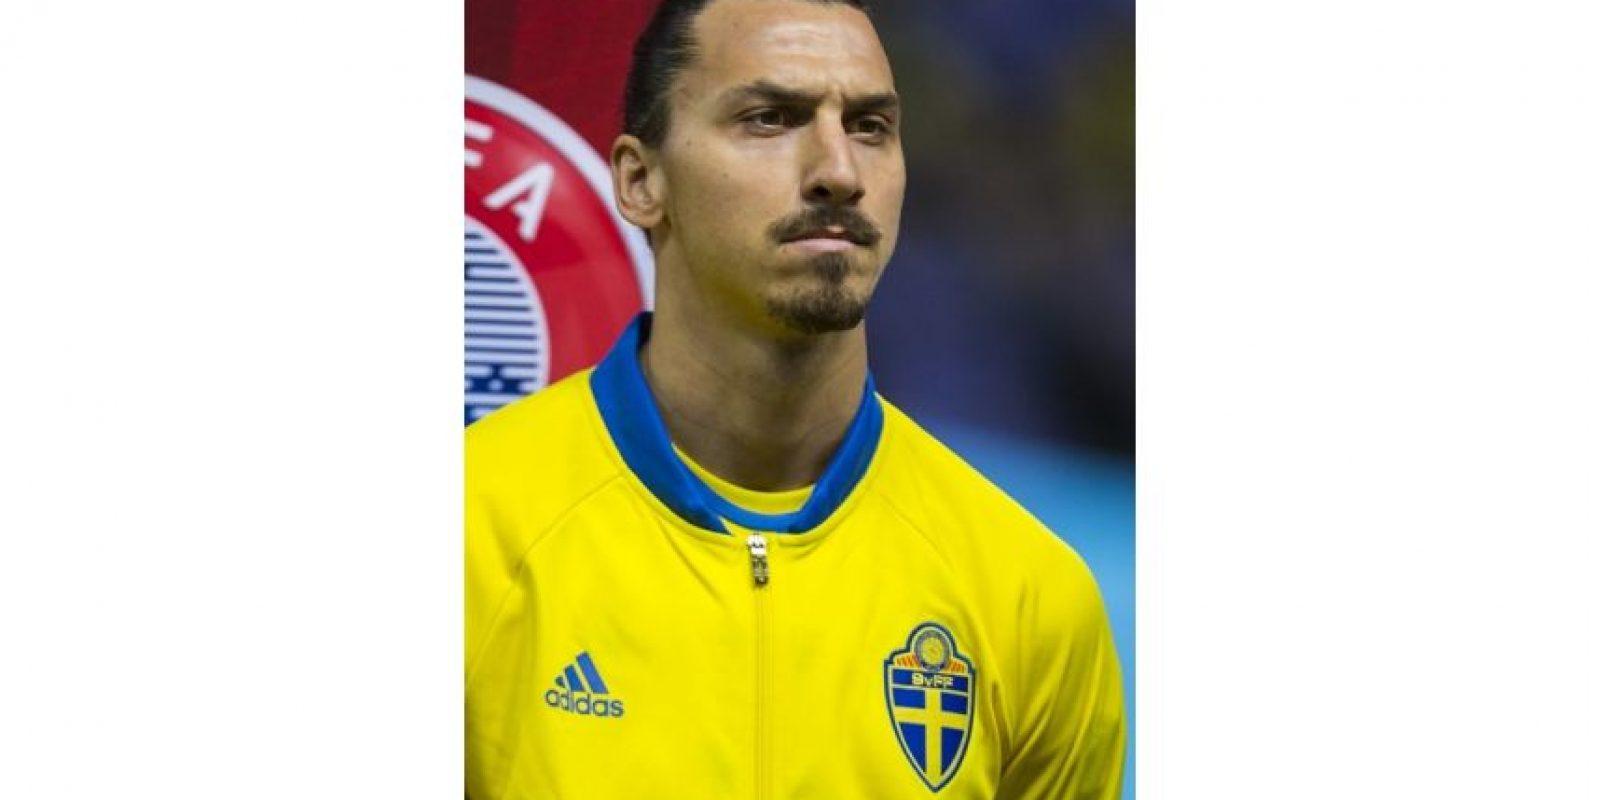 Zlatan Ibrahimović: Se espera que el maestro del fútbol sueco se retire de la escena internacional en la Euro de 2016. Sin embargo, el delantero de 34 años de edad, quien juega para el club París Saint-Germain, ha revelado que se retirará del fútbol profesional cuando ya no sienta que es lo suficientemente bueno.